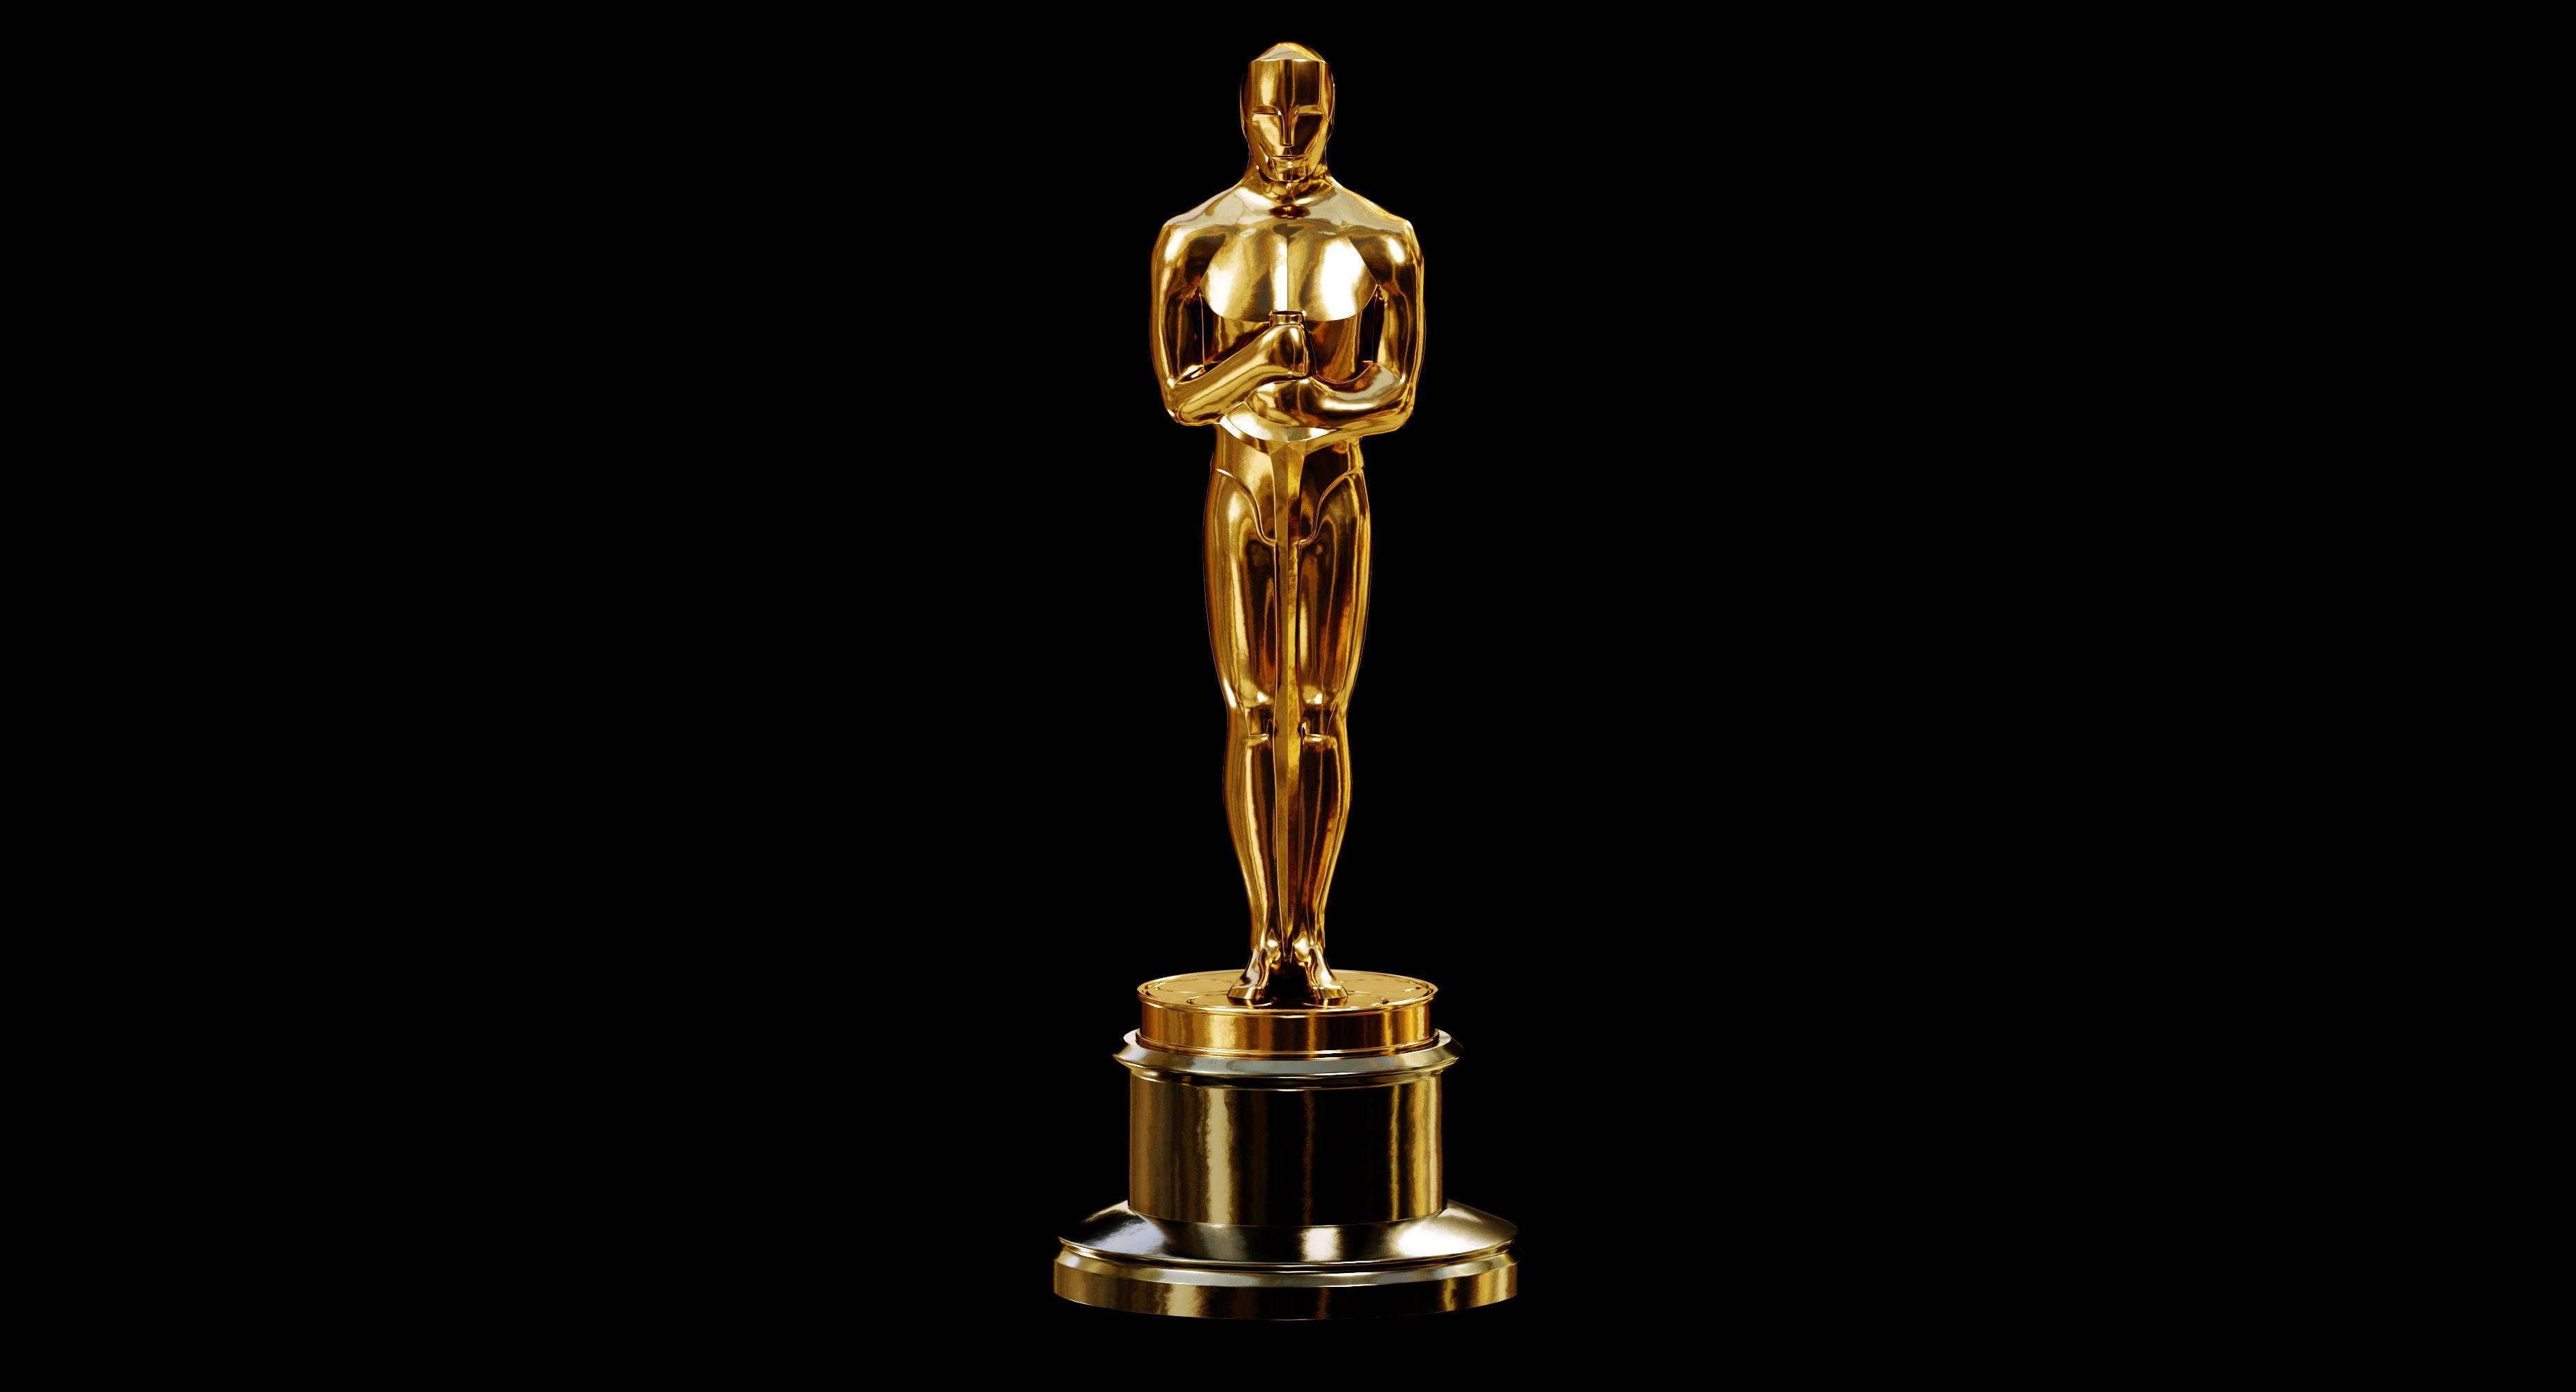 Вручение премии «Оскар-2021» могут отложить из-за пандемии